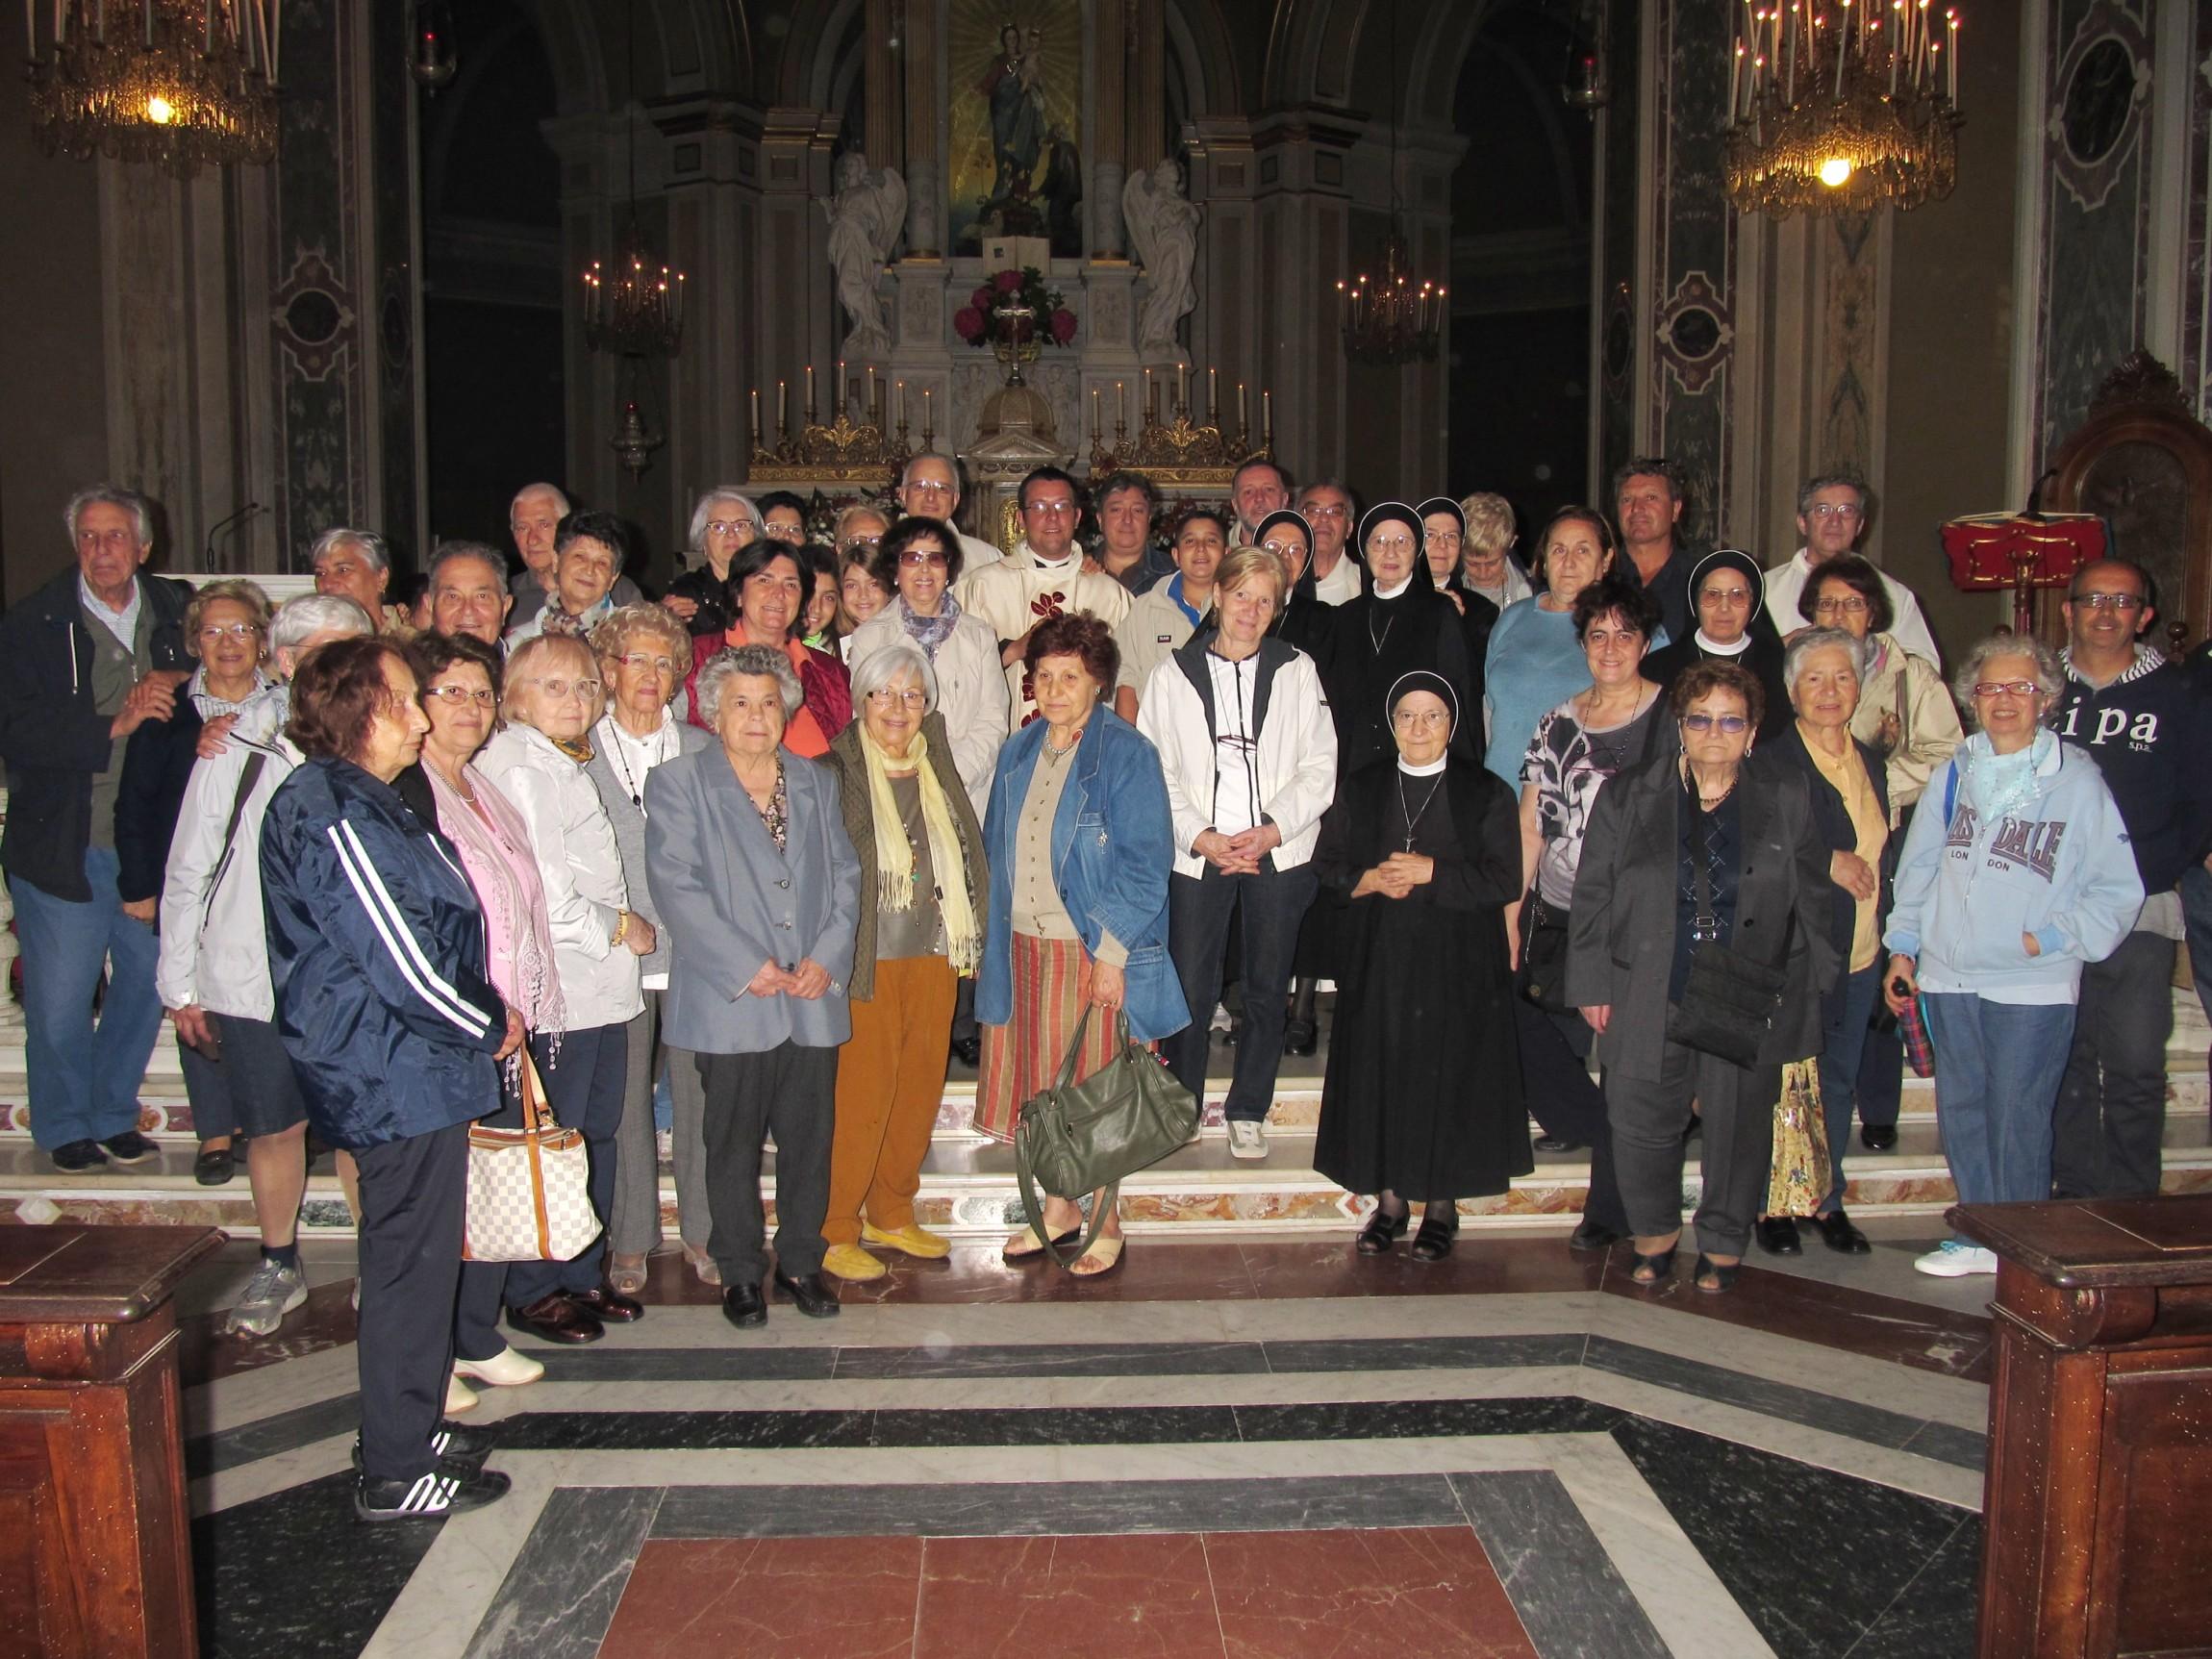 pellegrinaggio_vicariale_guardia_2014-06-15-16-08-37